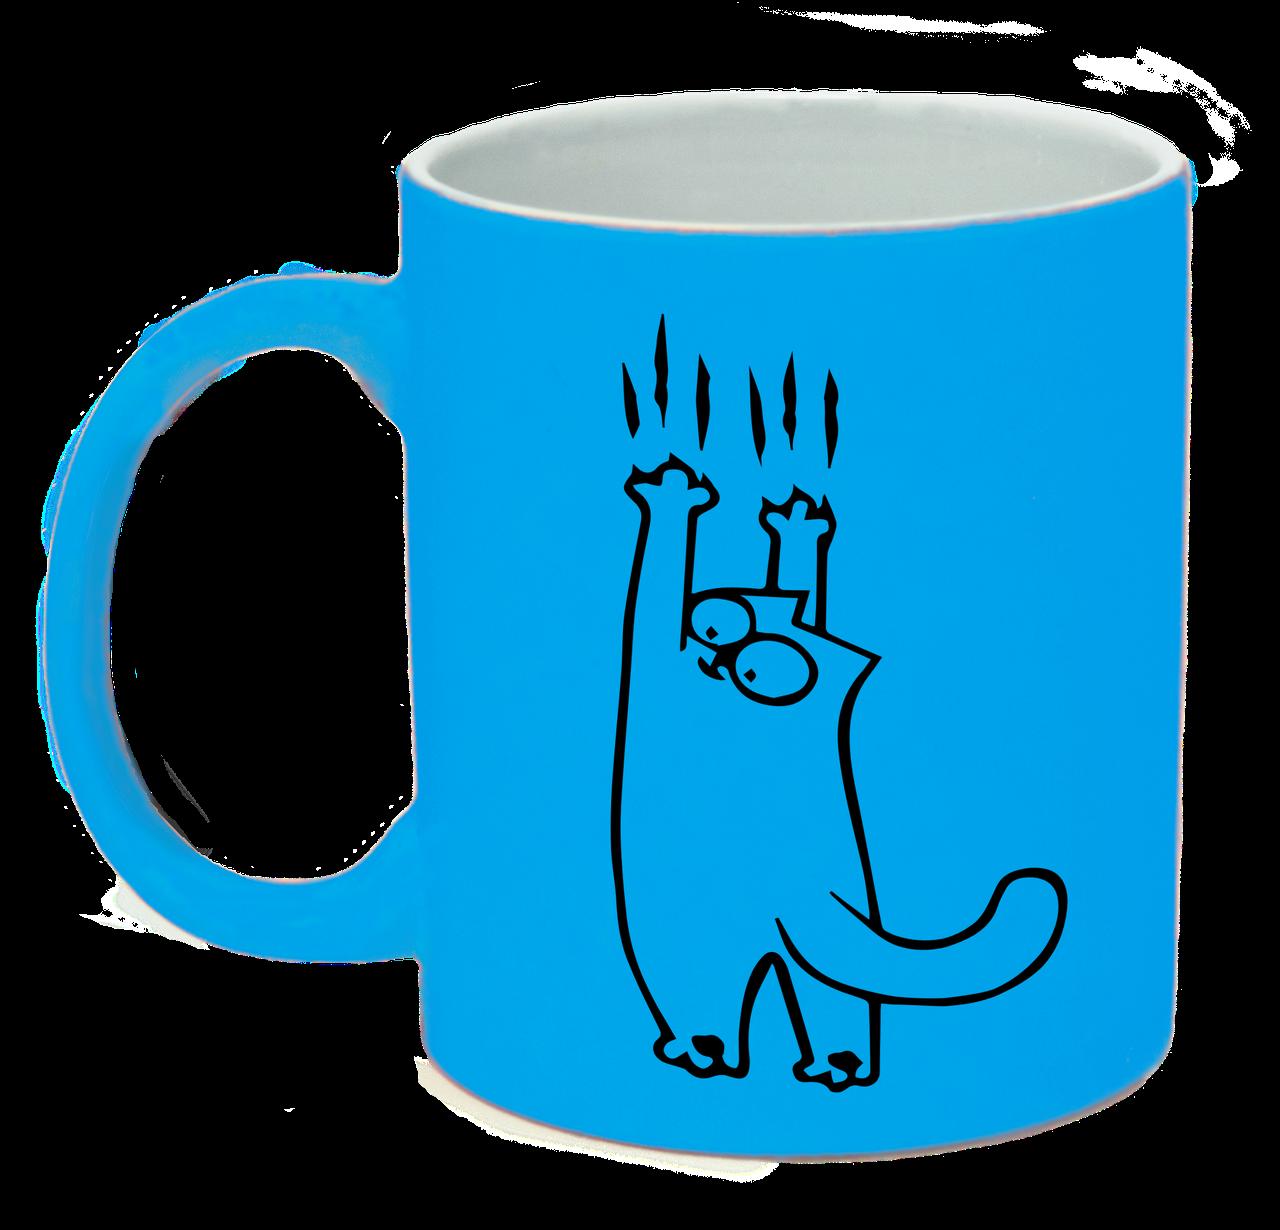 """Неонова матова чашка c """"Кіт Саймона сповзає"""", яскраво-блакитна"""